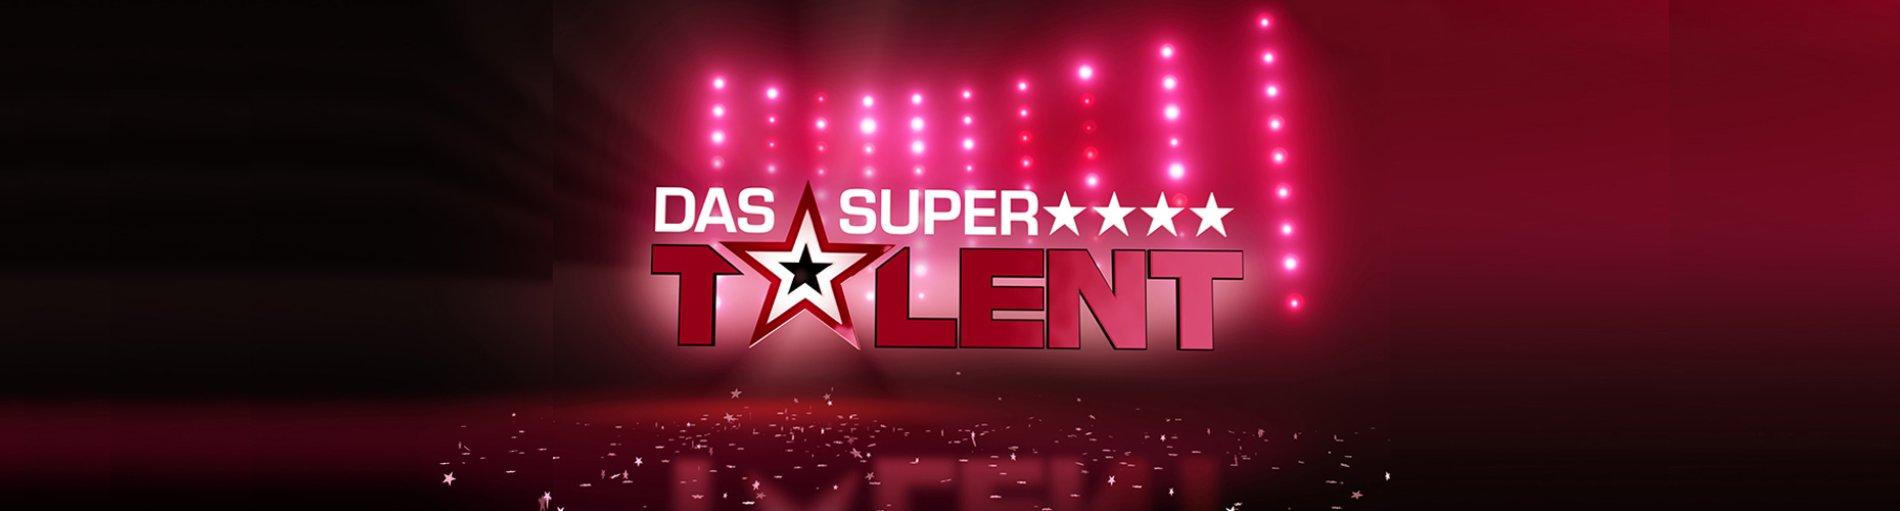 """Das Logo der Show """"Das Supertalent"""" vor einem schwarz-roten Hintegrund"""